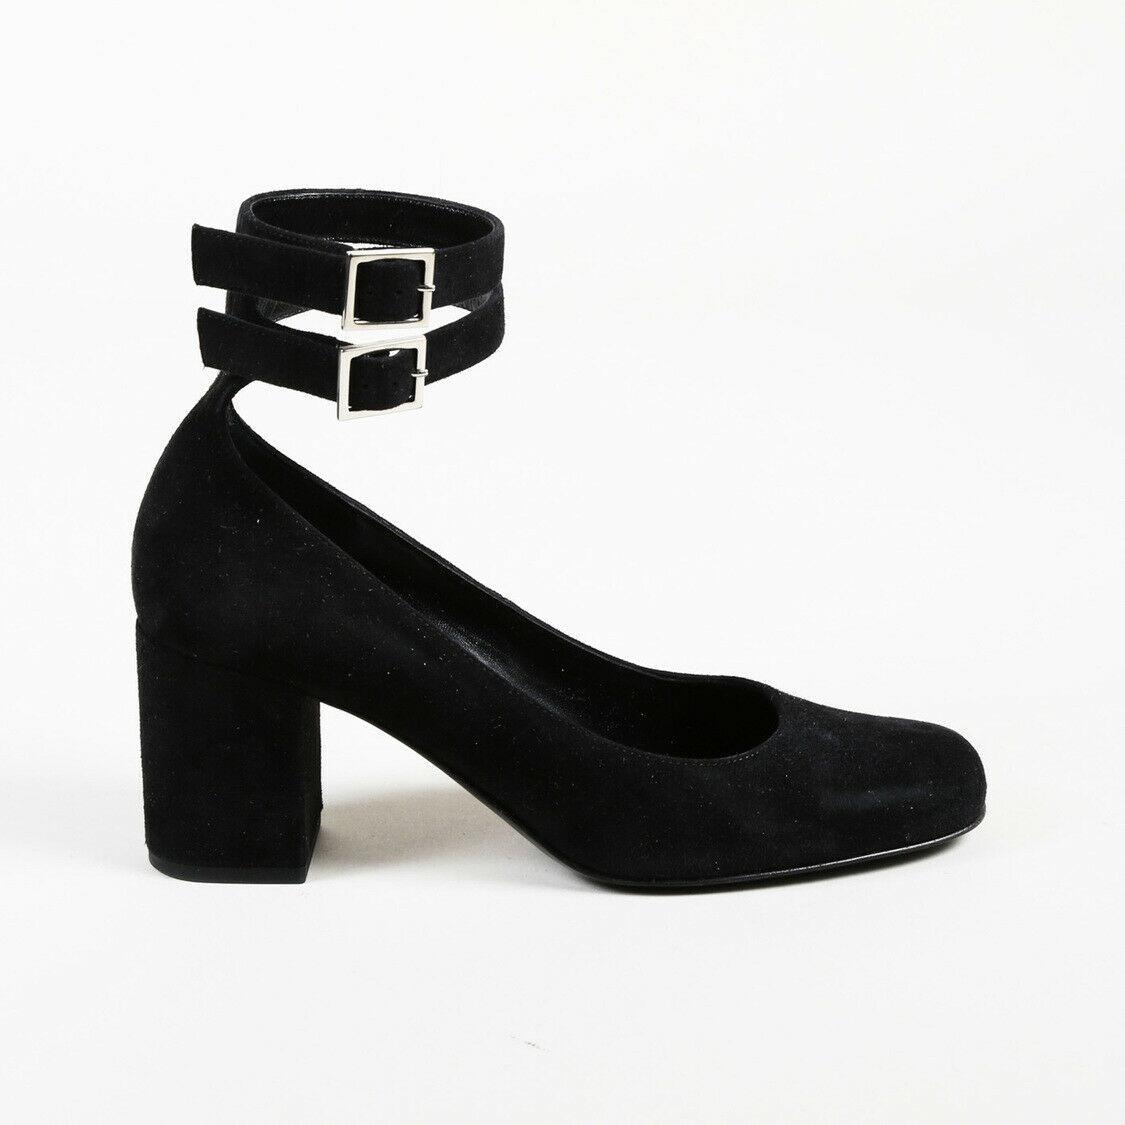 8027fb1535 Saint Laurent Suede Block Heel Pumps SZ 35.5 - $205.00 · Advanced search  for Ysl Yves Saint Laurent Shoes